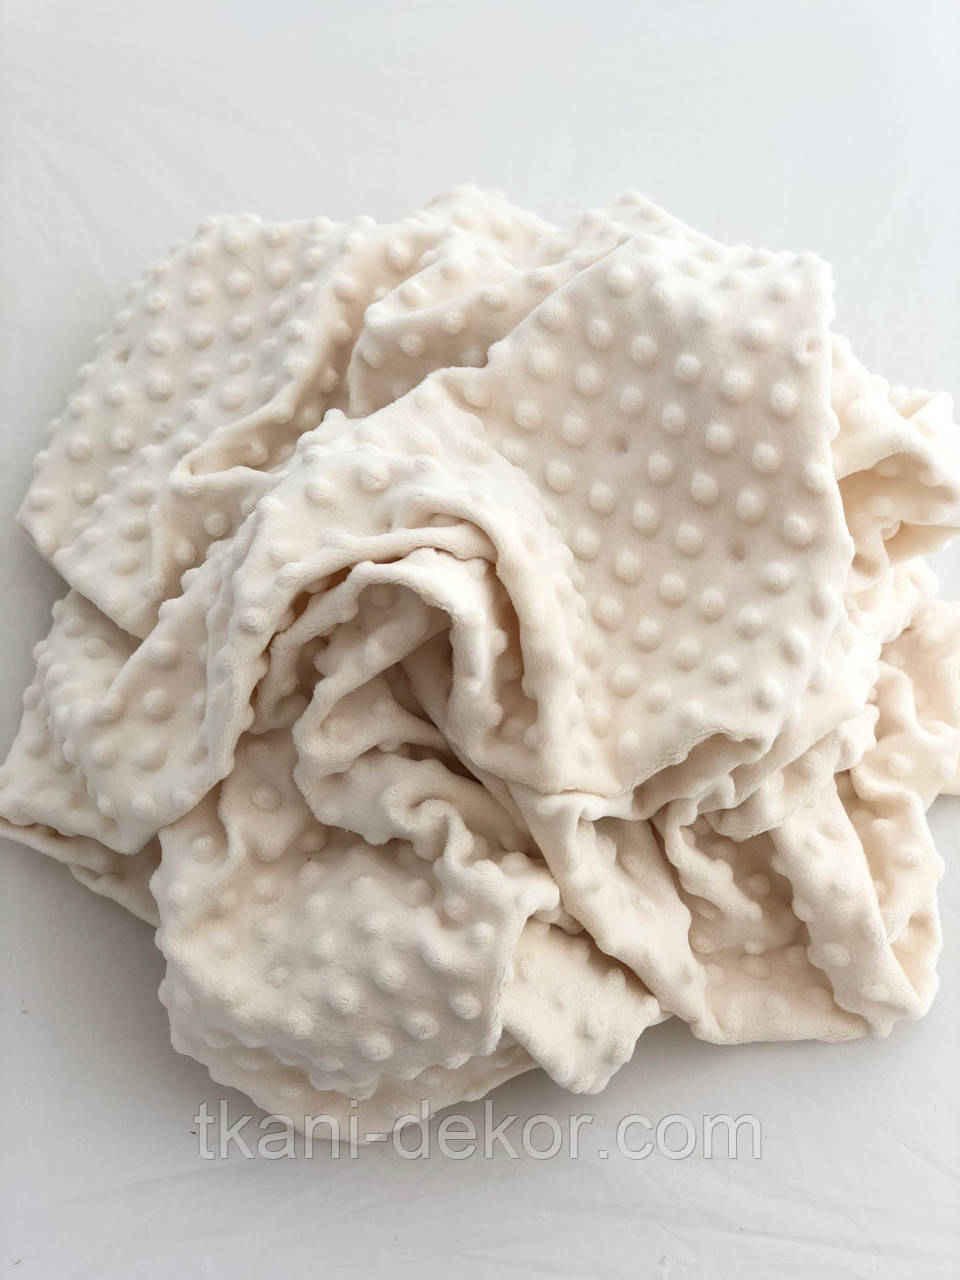 Тканина плюшева Minky Dots молочний (пупиришки) (Шлюб, 10 см від кромки змазана пупырка)